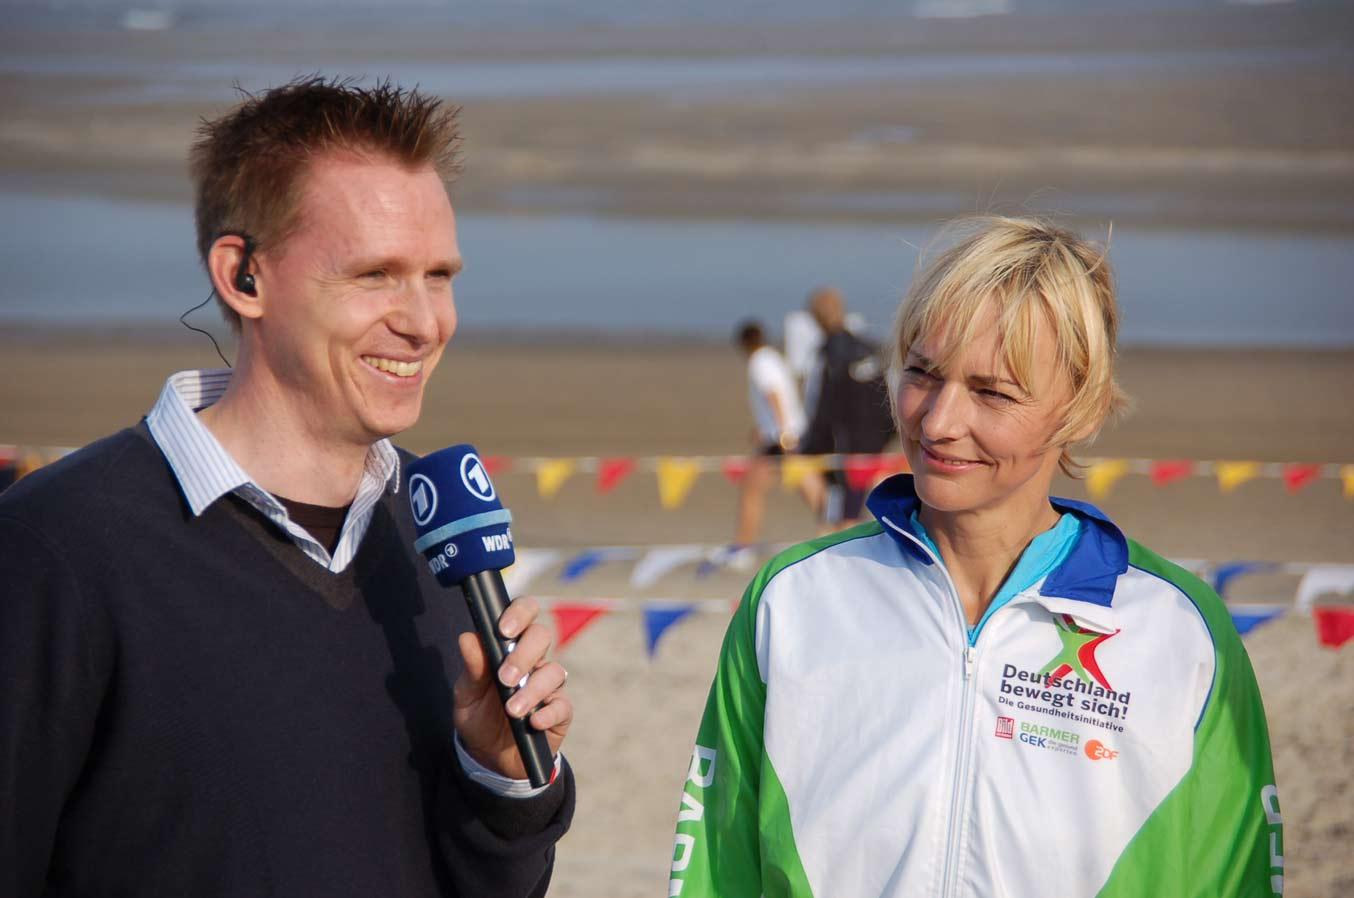 Sind auch in diesem Jahr wieder bei der Sportabzeichen-Tour dabei: Frank Busemann und Heike Drechsler. Foto: Deutsches Sportabzeichen